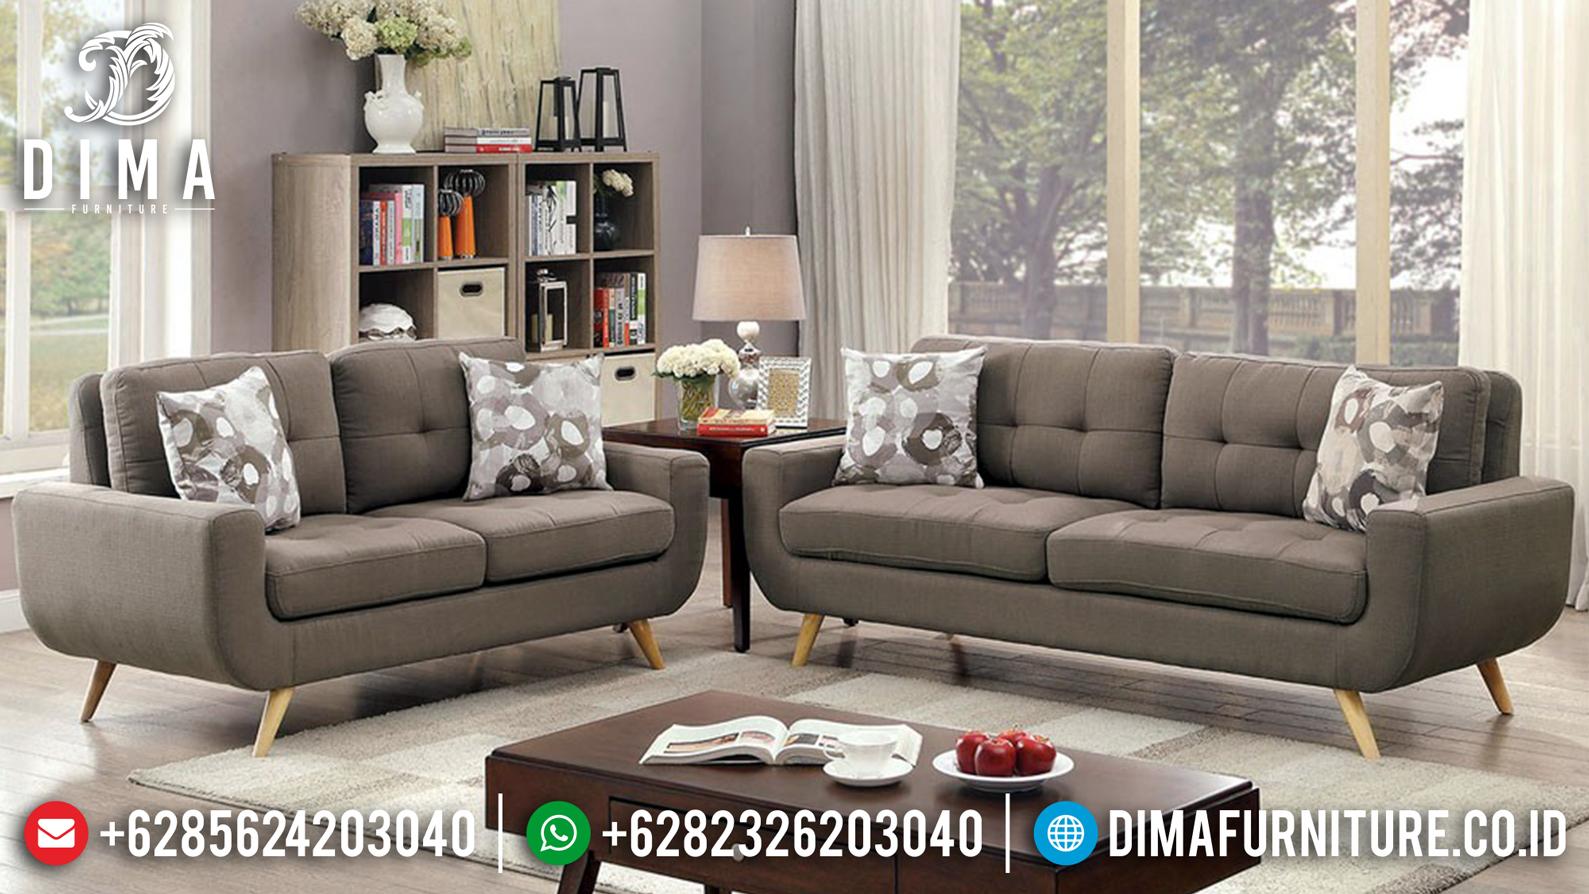 Model Sofa Tamu Jepara Minimalis Sedori Fabric MMJ-0119